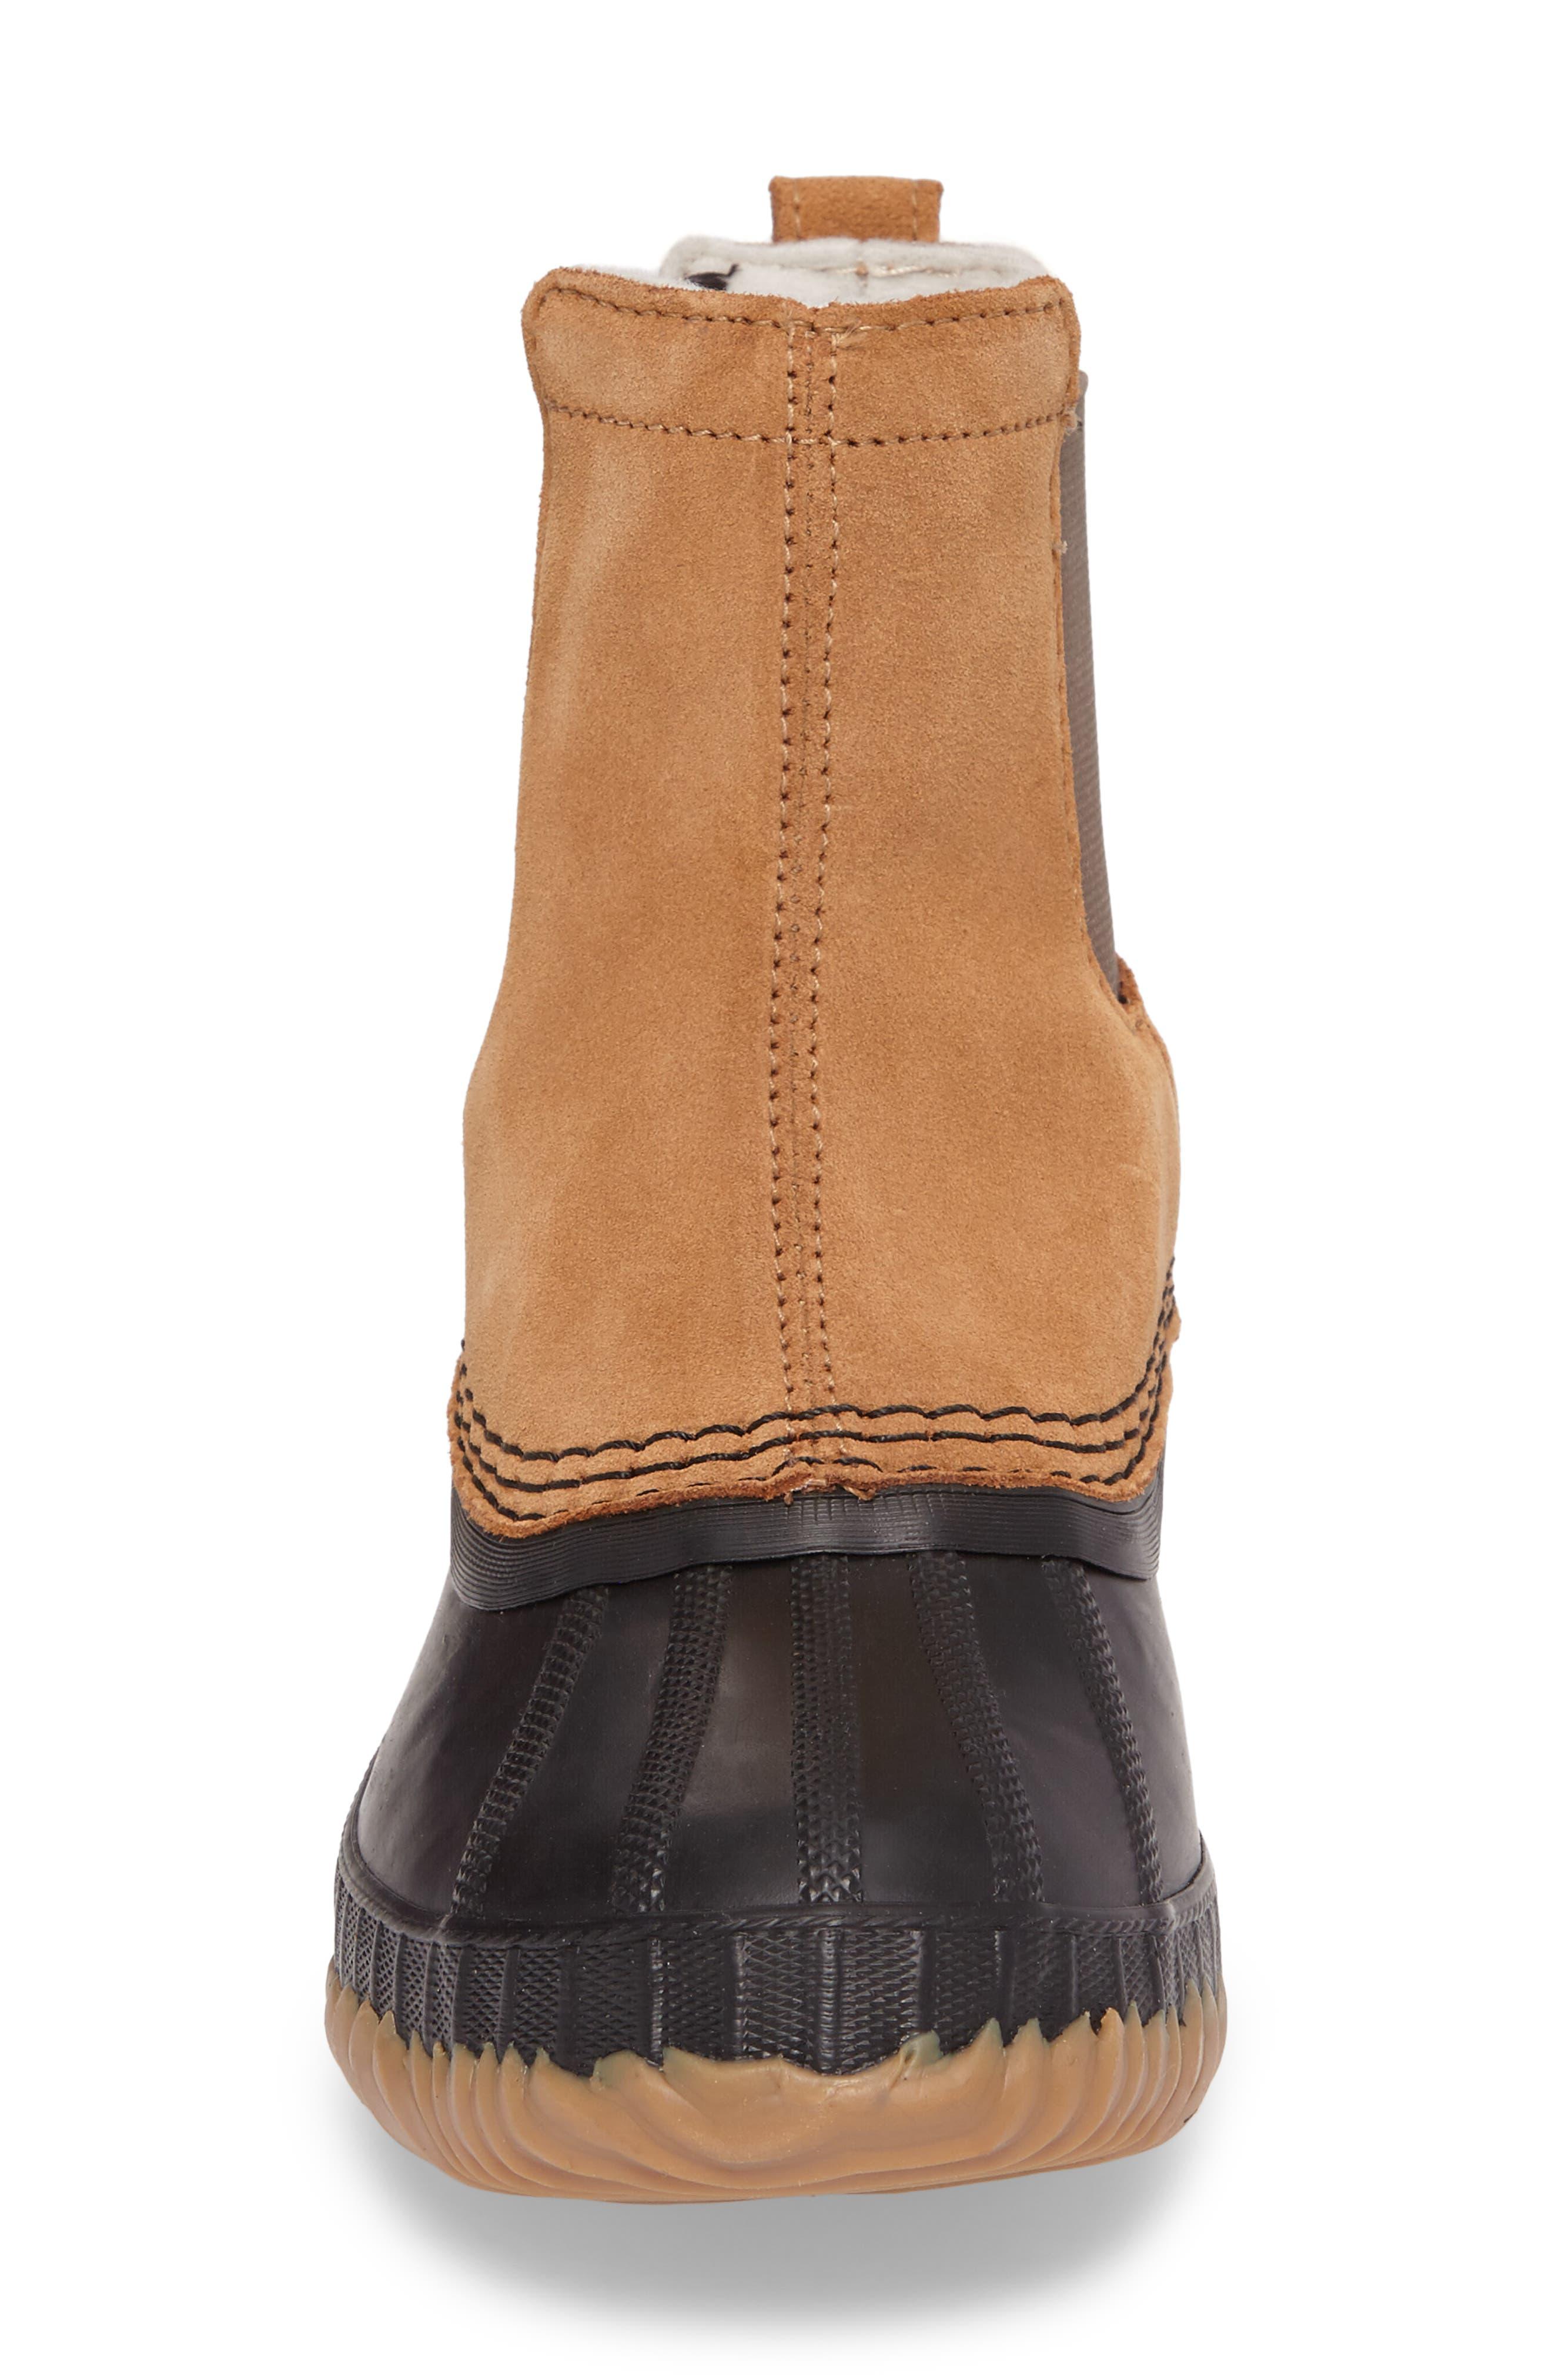 Cheyanne II Waterproof Insulated Chelsea Boot,                             Alternate thumbnail 4, color,                             Elk/ Black